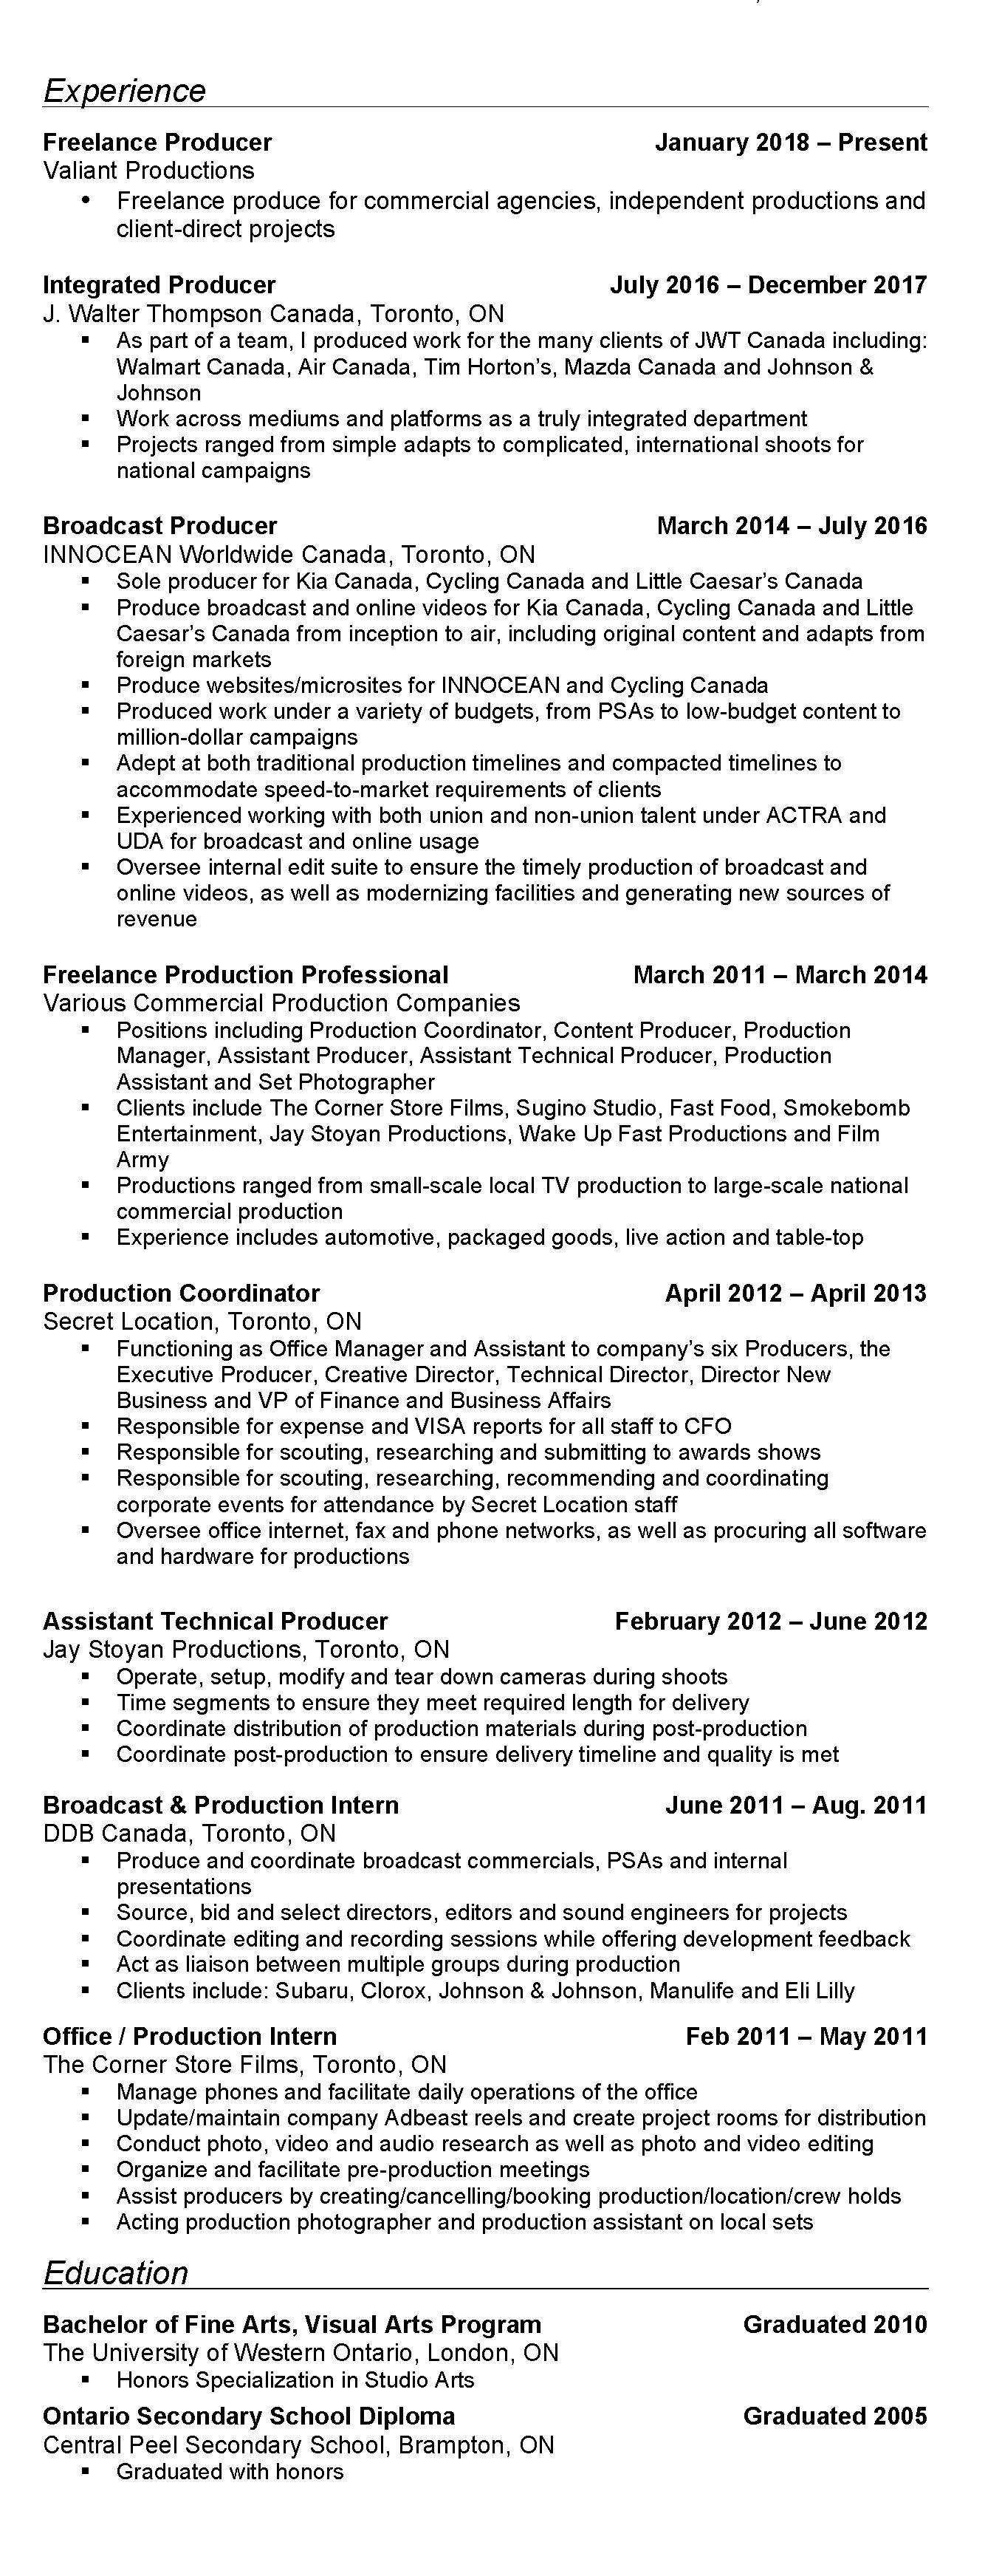 Resume of Adam Park